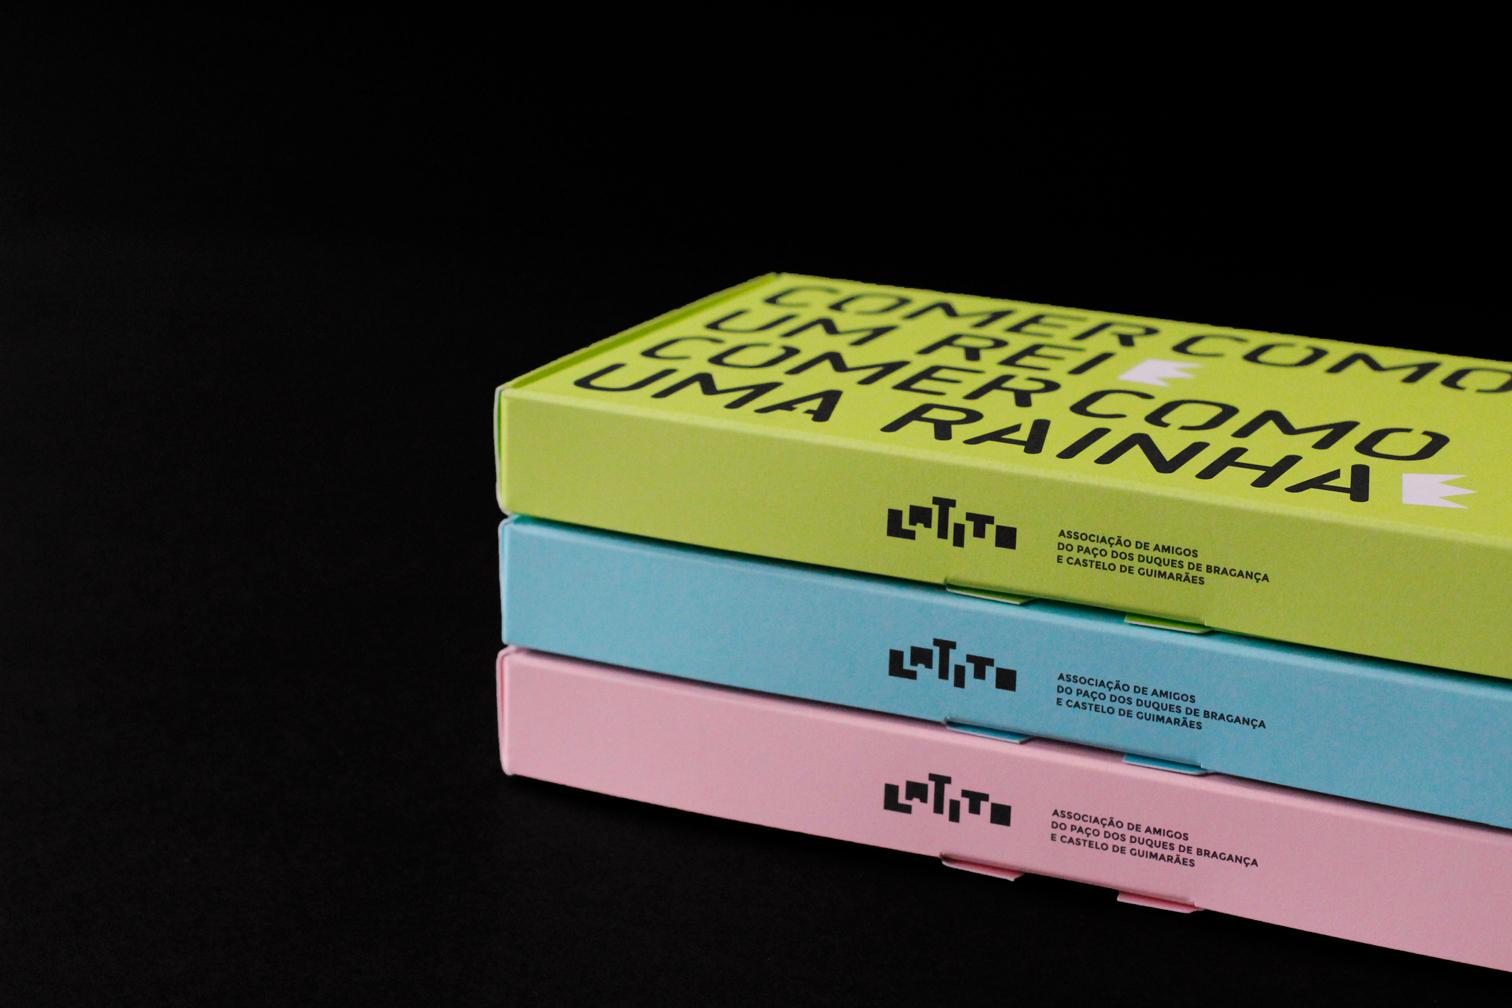 Talheres Latito-conjunto de embalagens